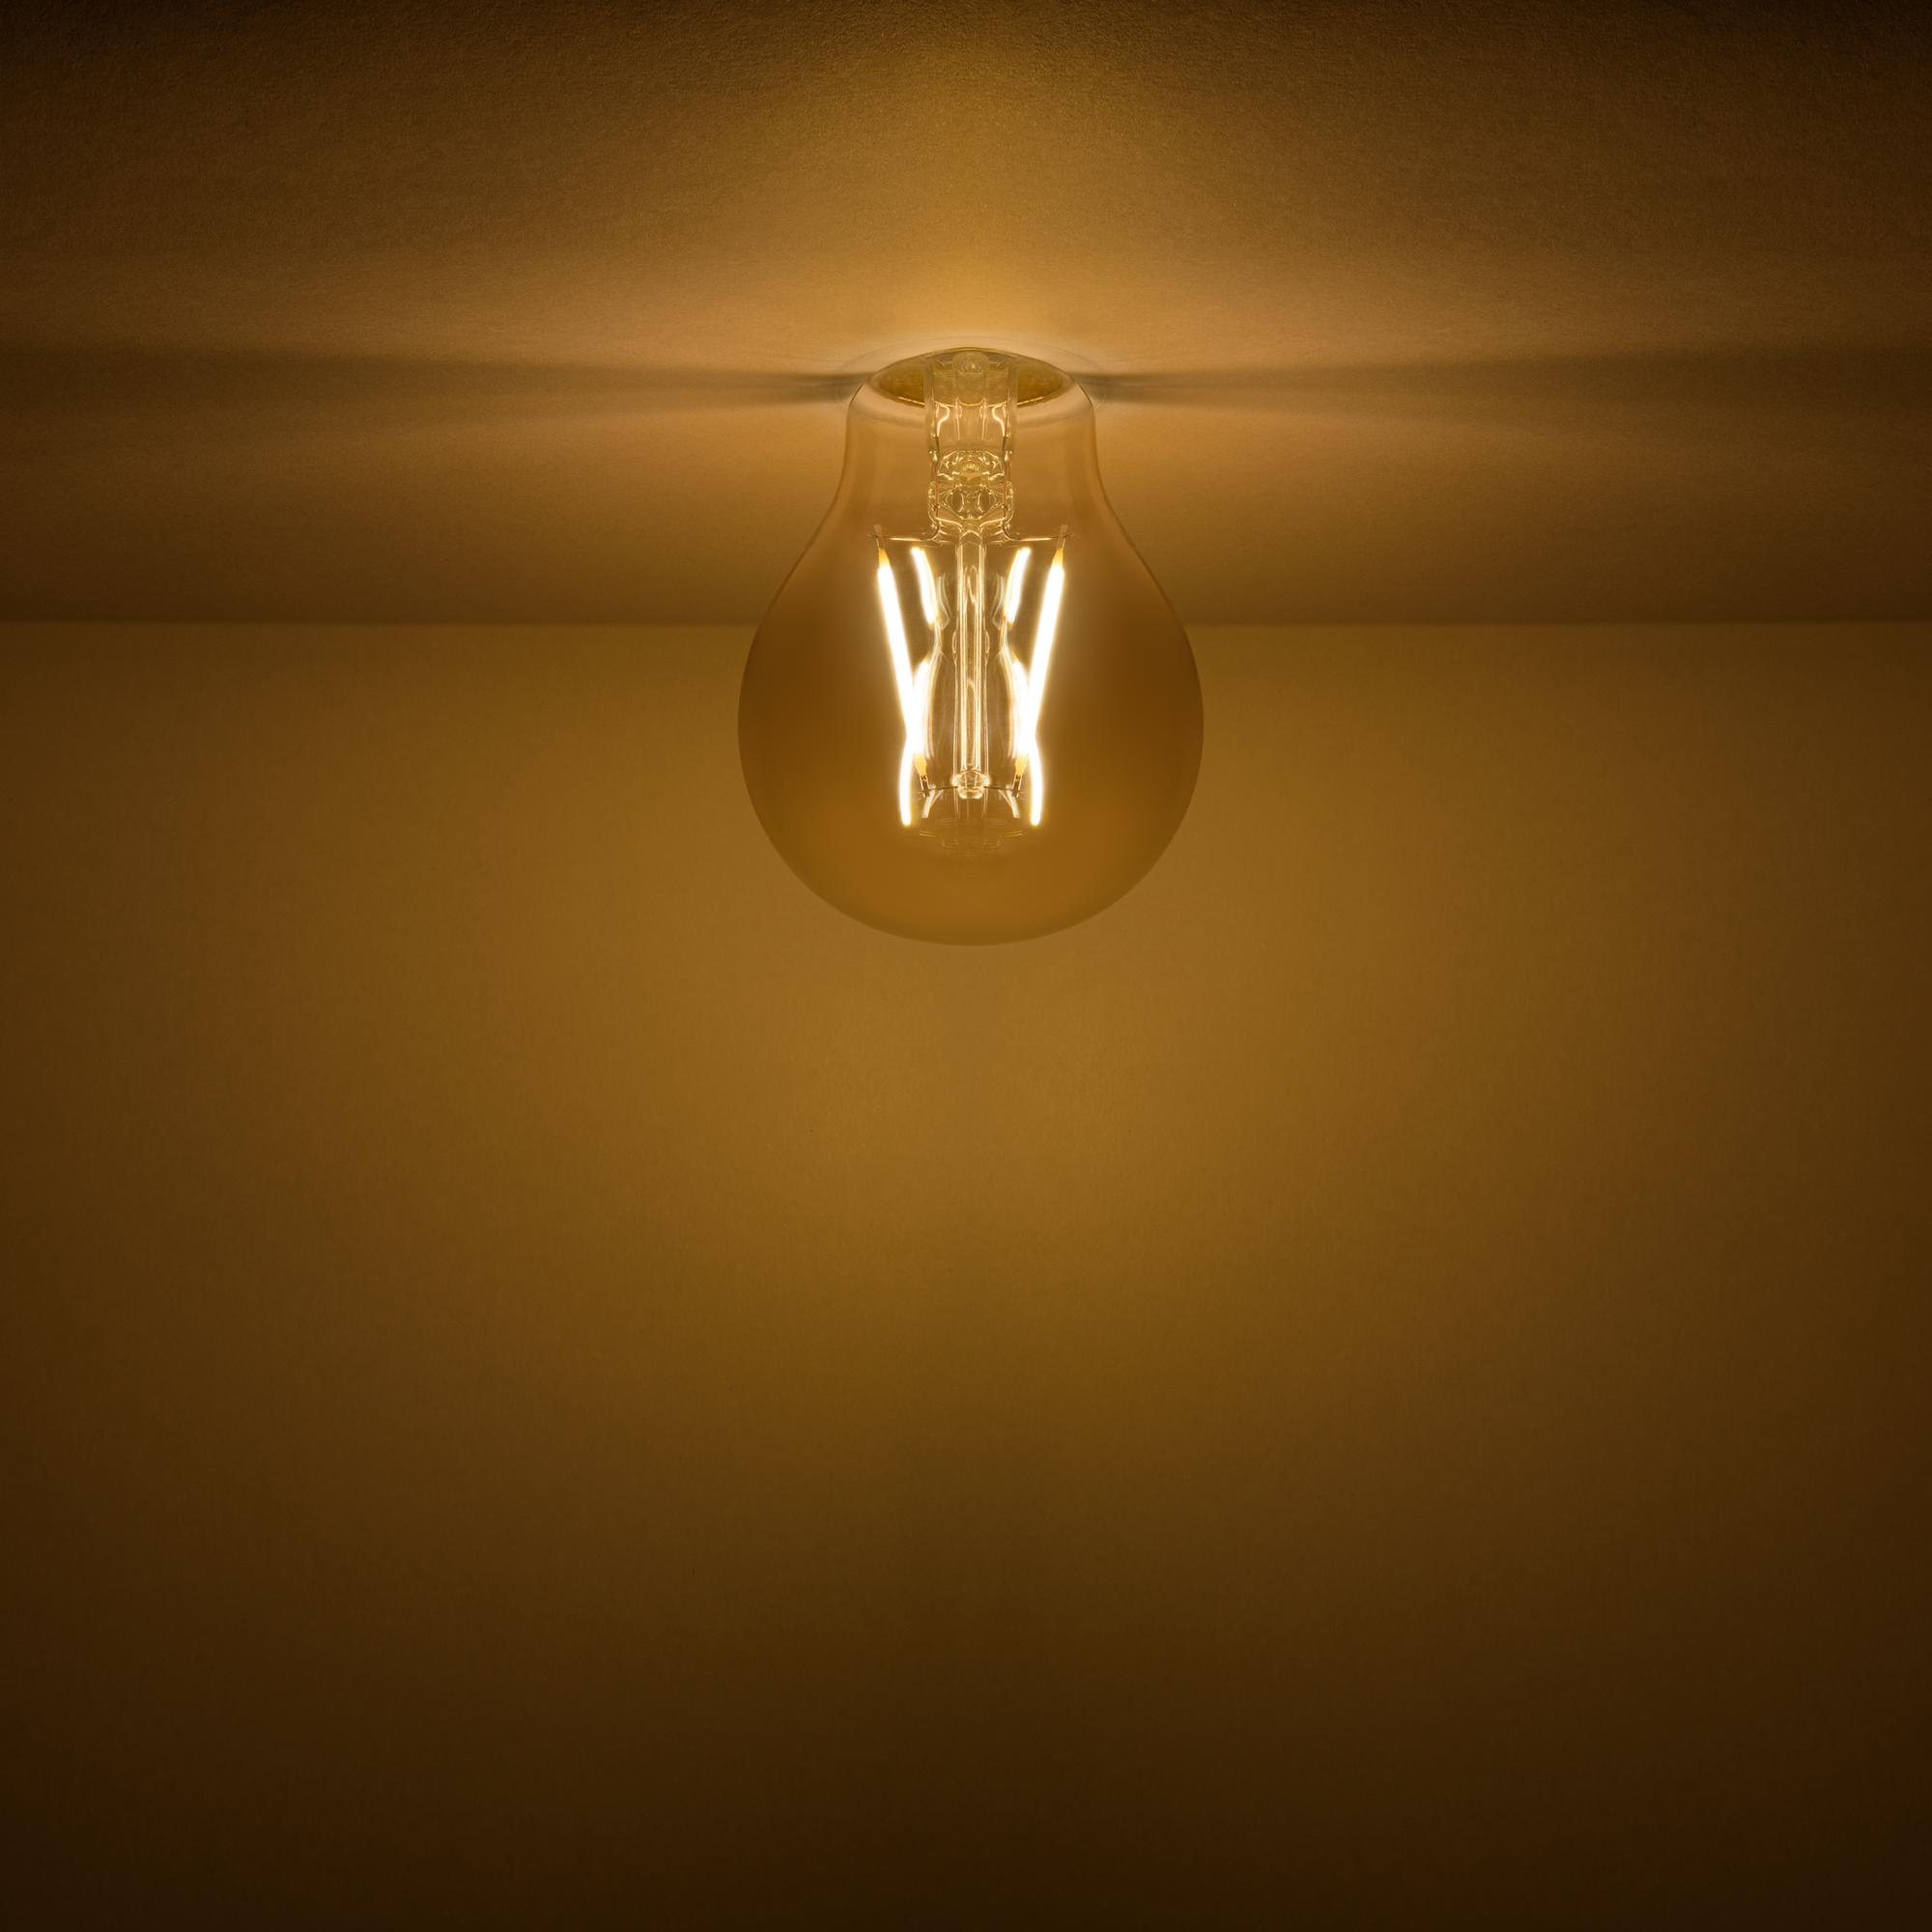 Лампа светодиодная филаментная Gauss Basic Golden A60 E27 230 В 3 Вт груша прозрачная с напылением 300 лм тёплый белый свет